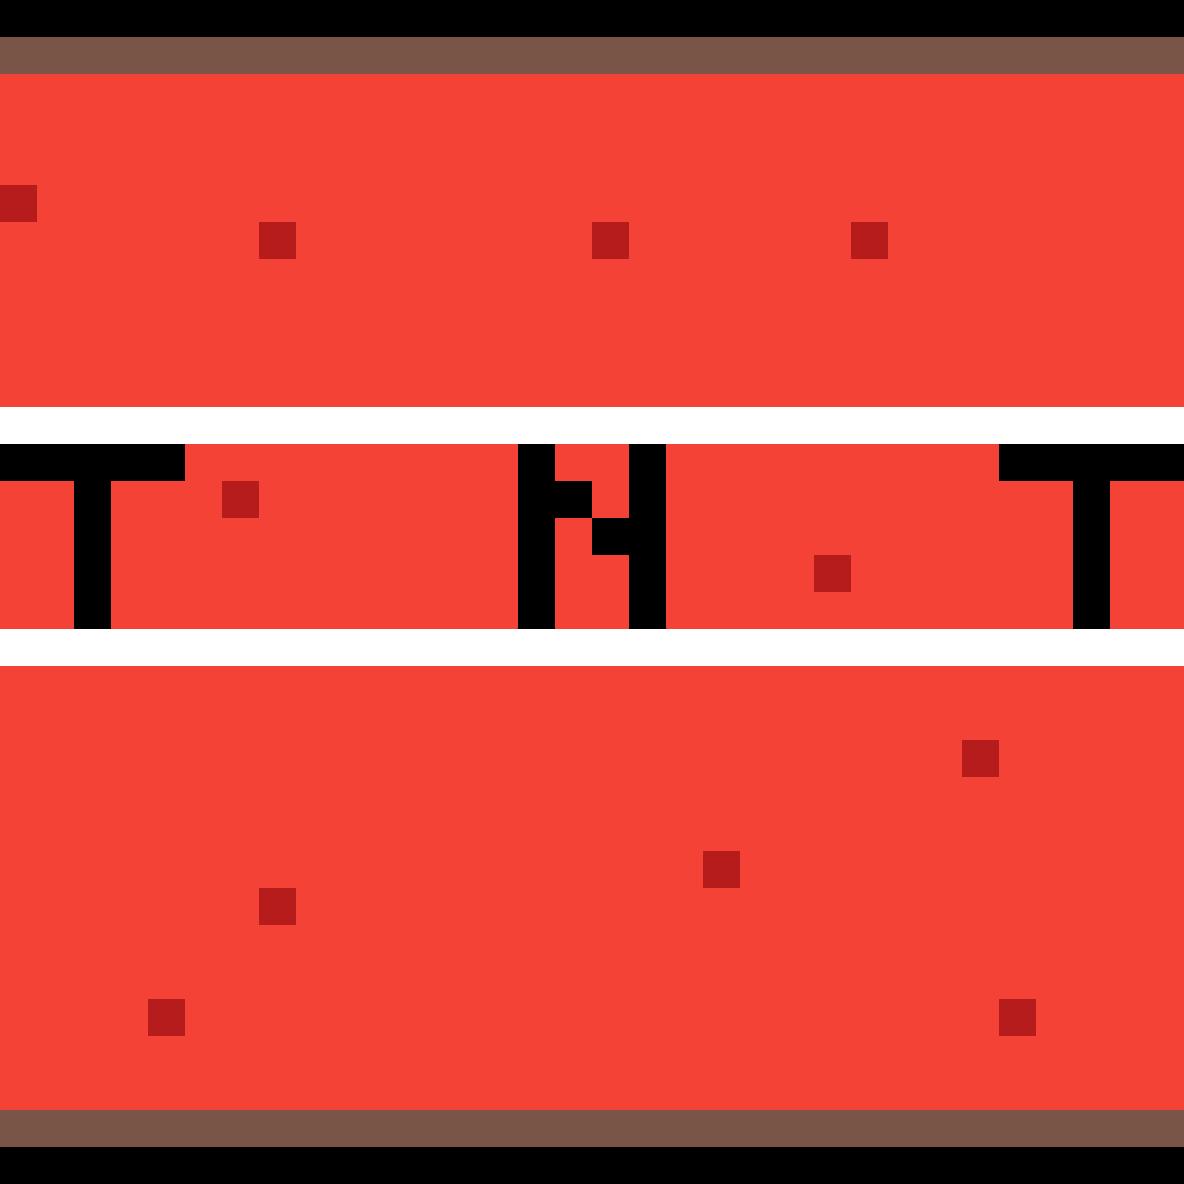 TNT by jake-is-a-man